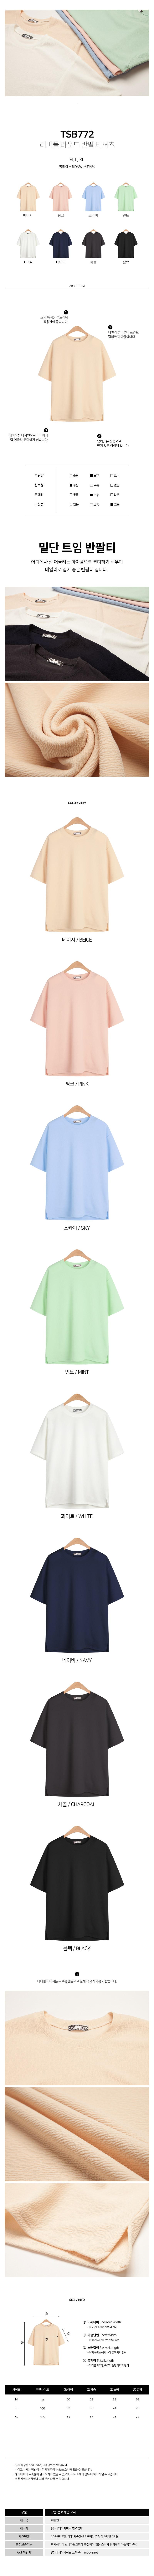 리버풀 라운드 반팔 티셔츠 TSB772 - 모니즈, 12,900원, 상의, 반팔티셔츠